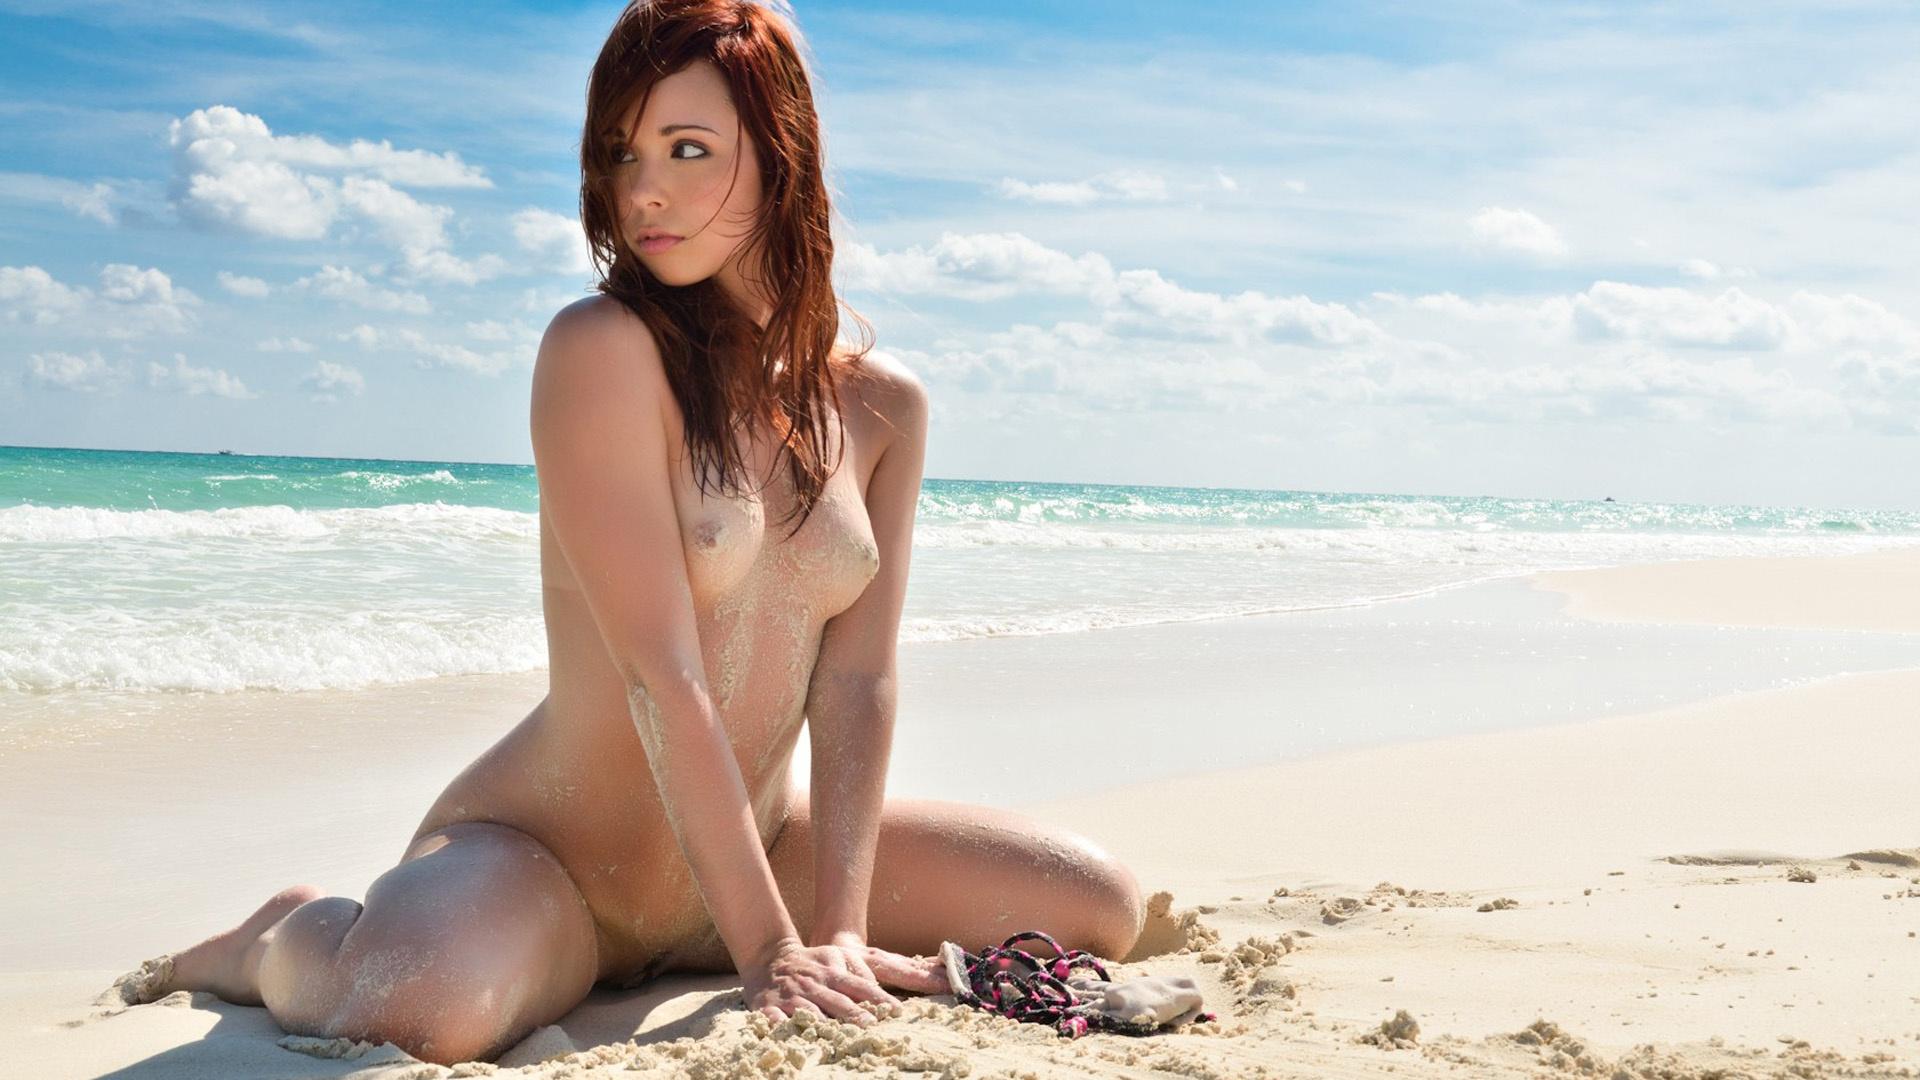 Tom girls naked ugly